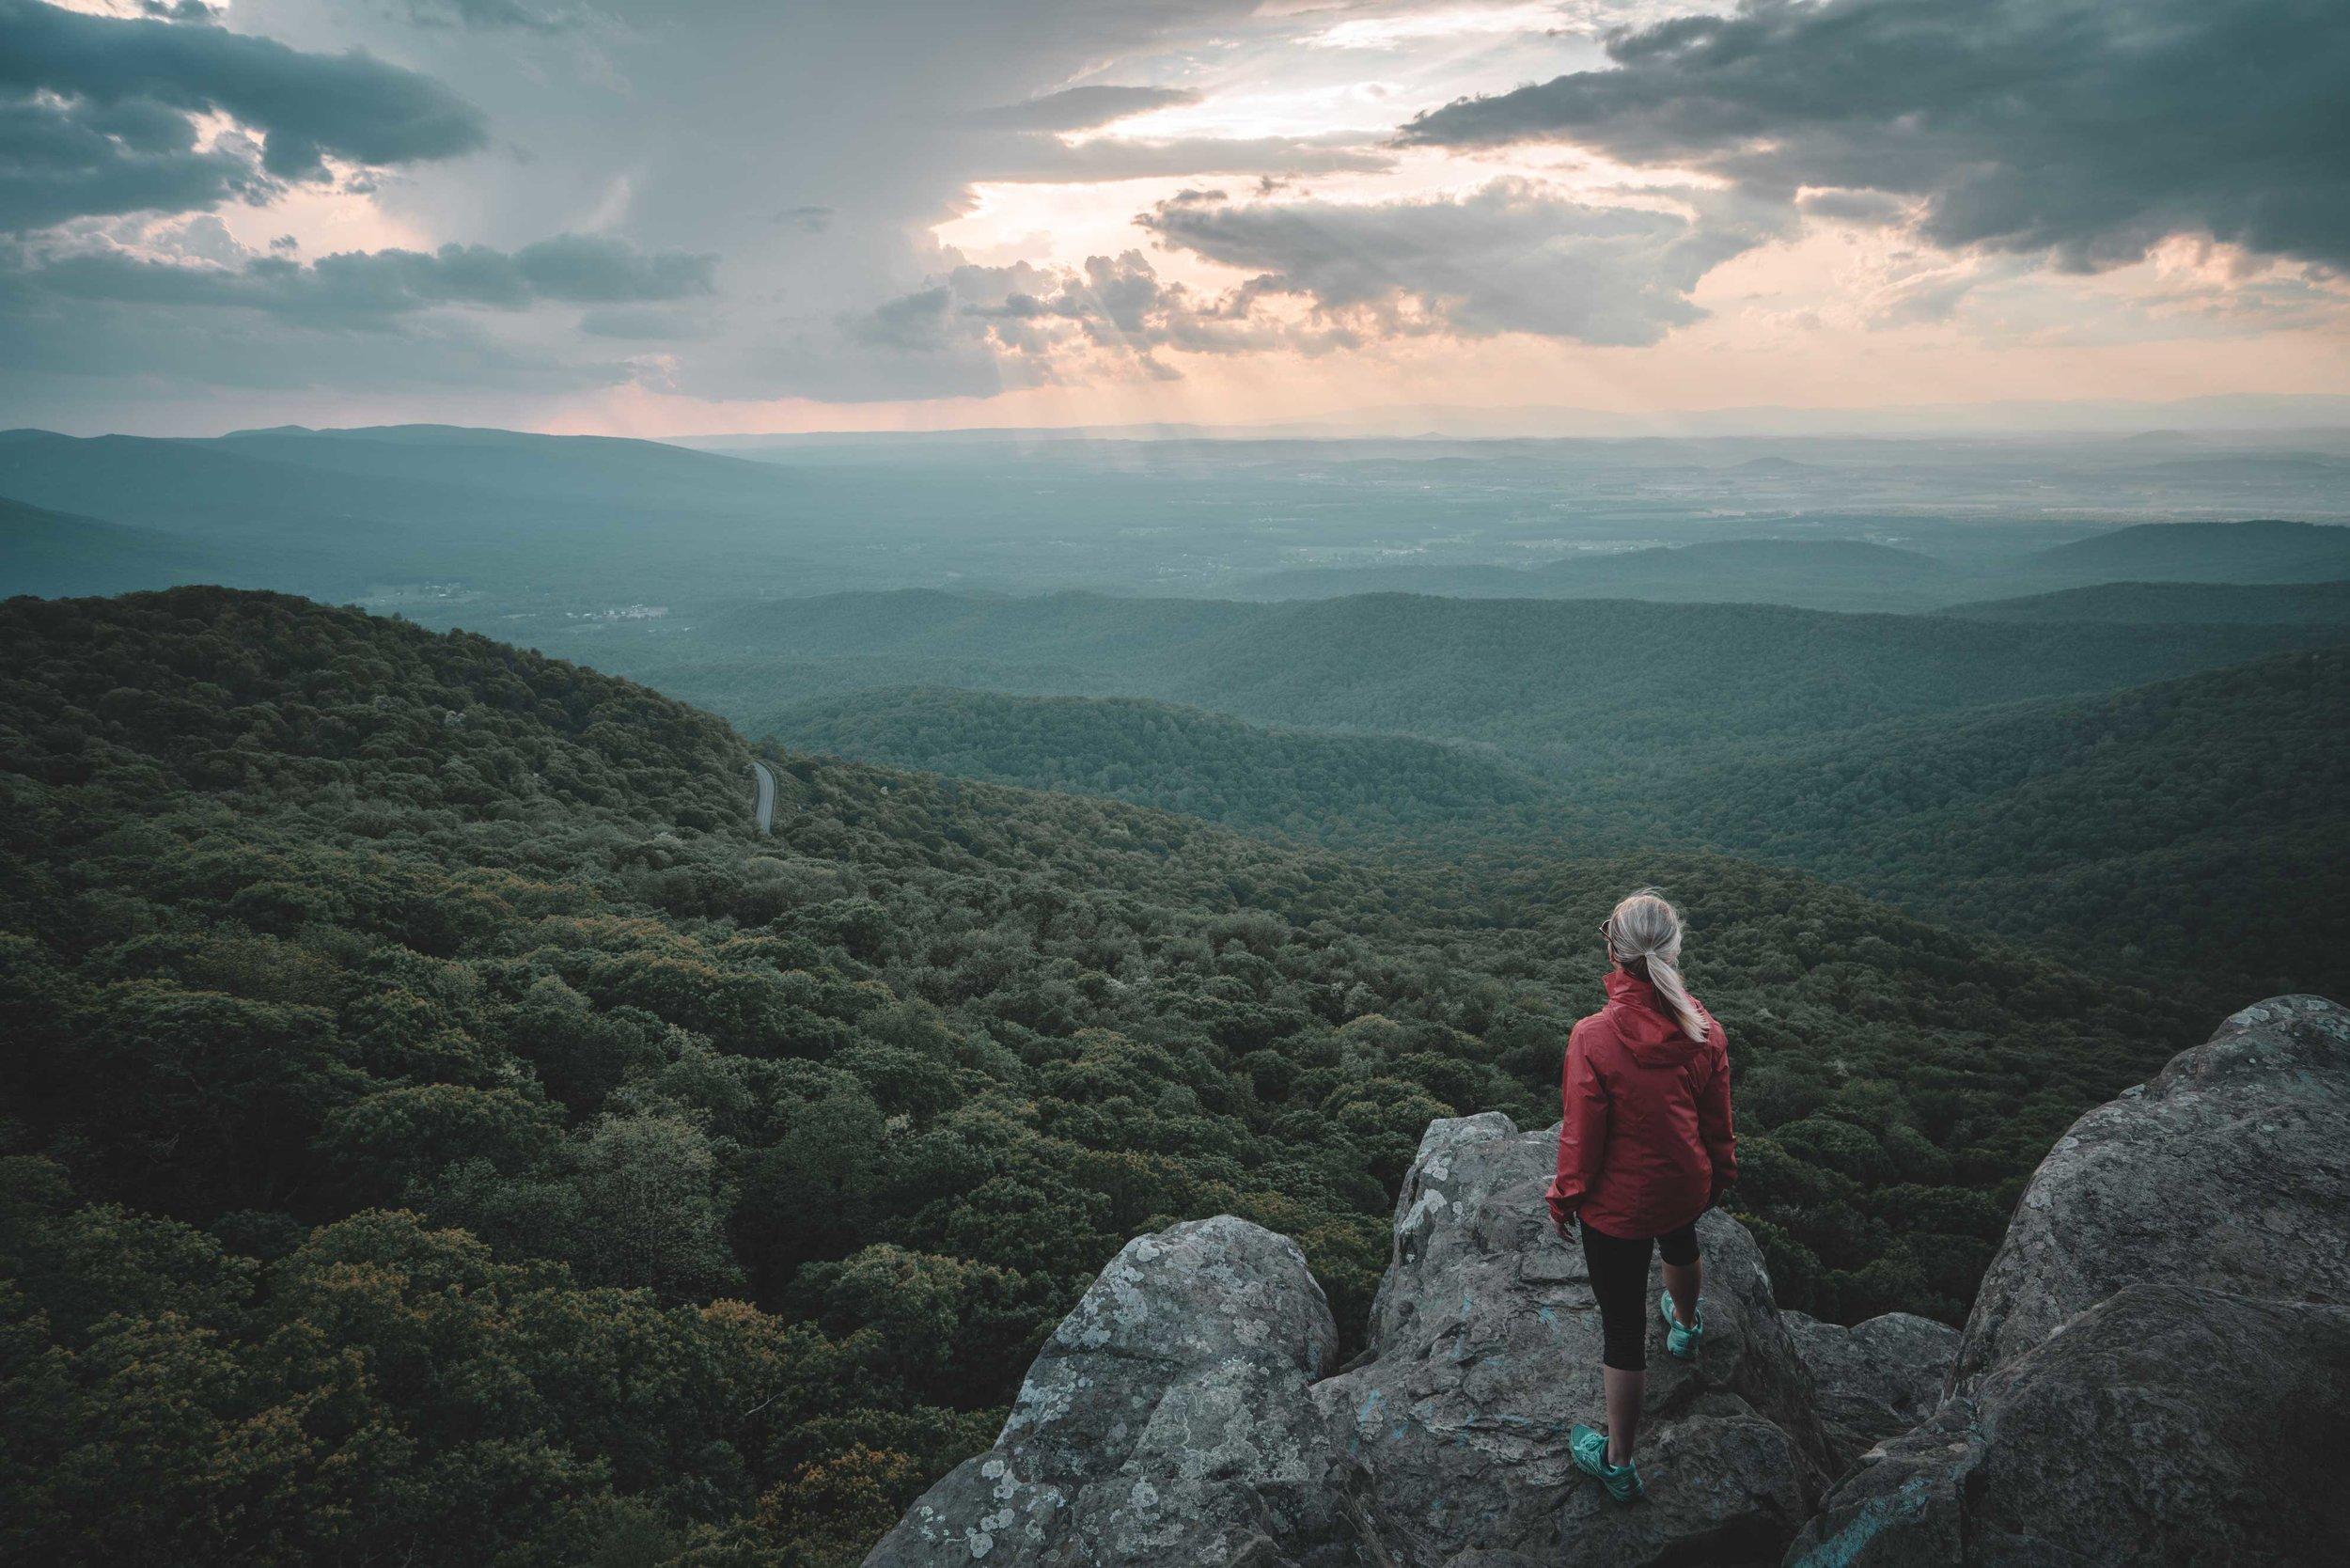 Humpback Rocks Virginia